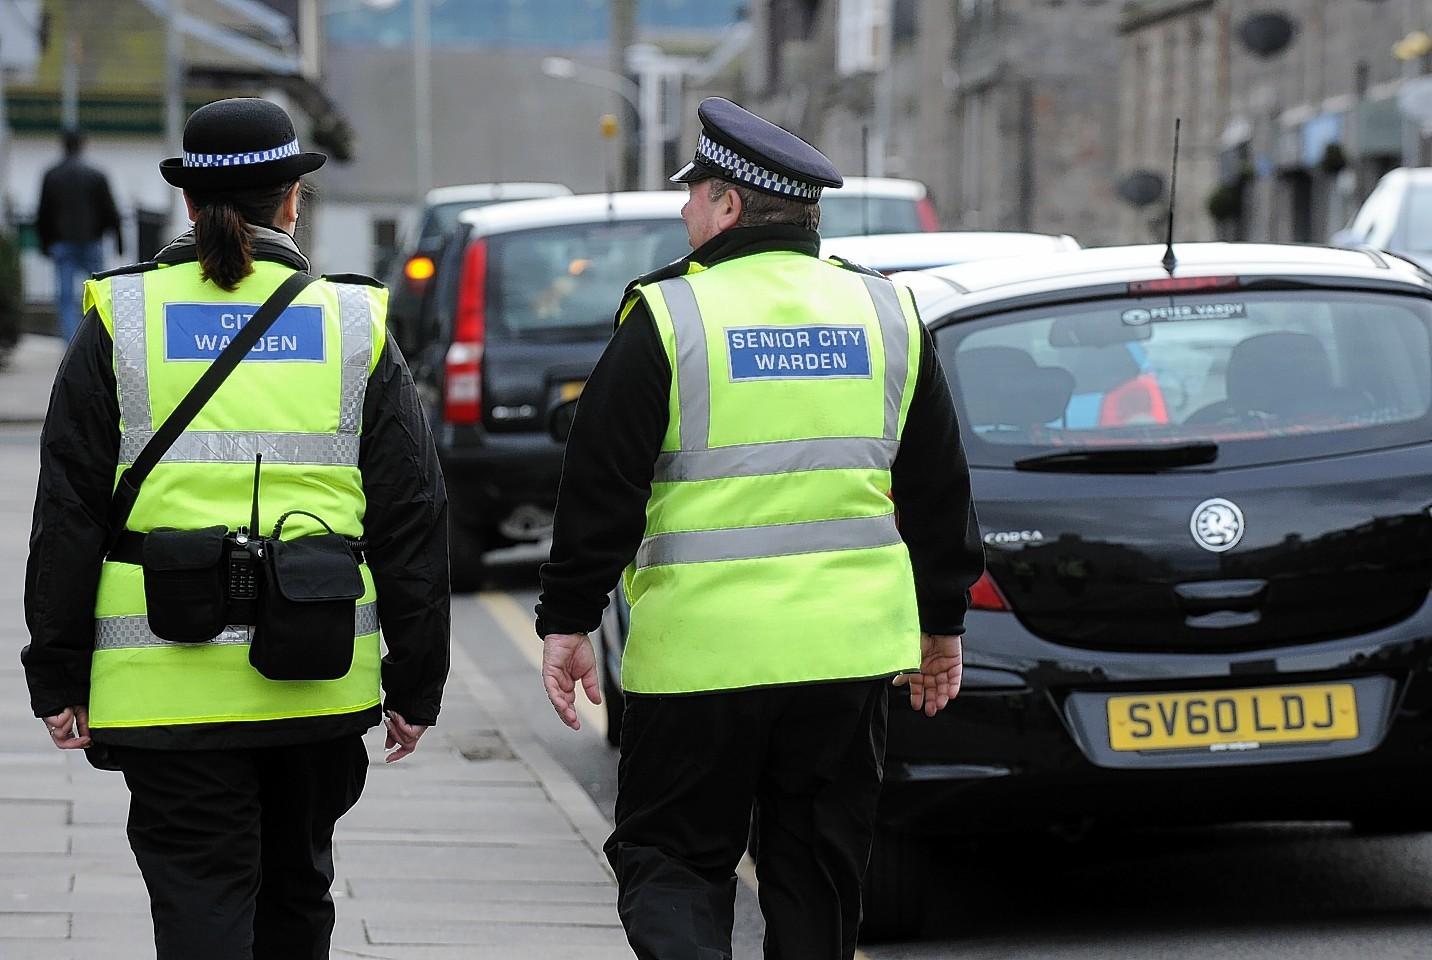 Aberdeen City Wardens